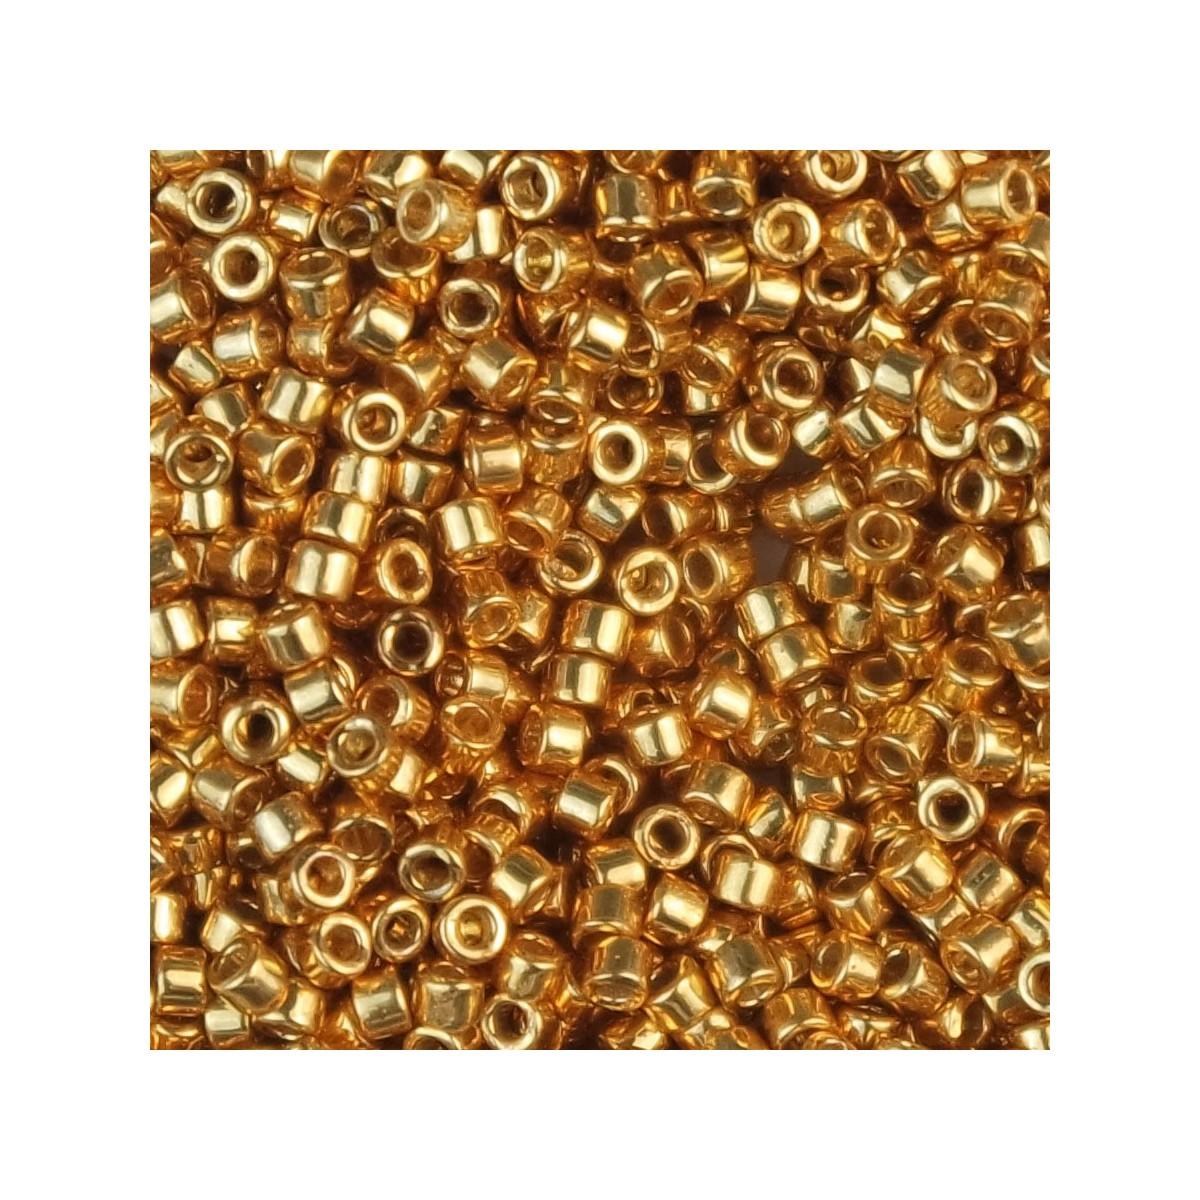 Perline Miyuki Delica 11/0 DB1833 DURACOAT GALVANIZED YELLOW GOLD